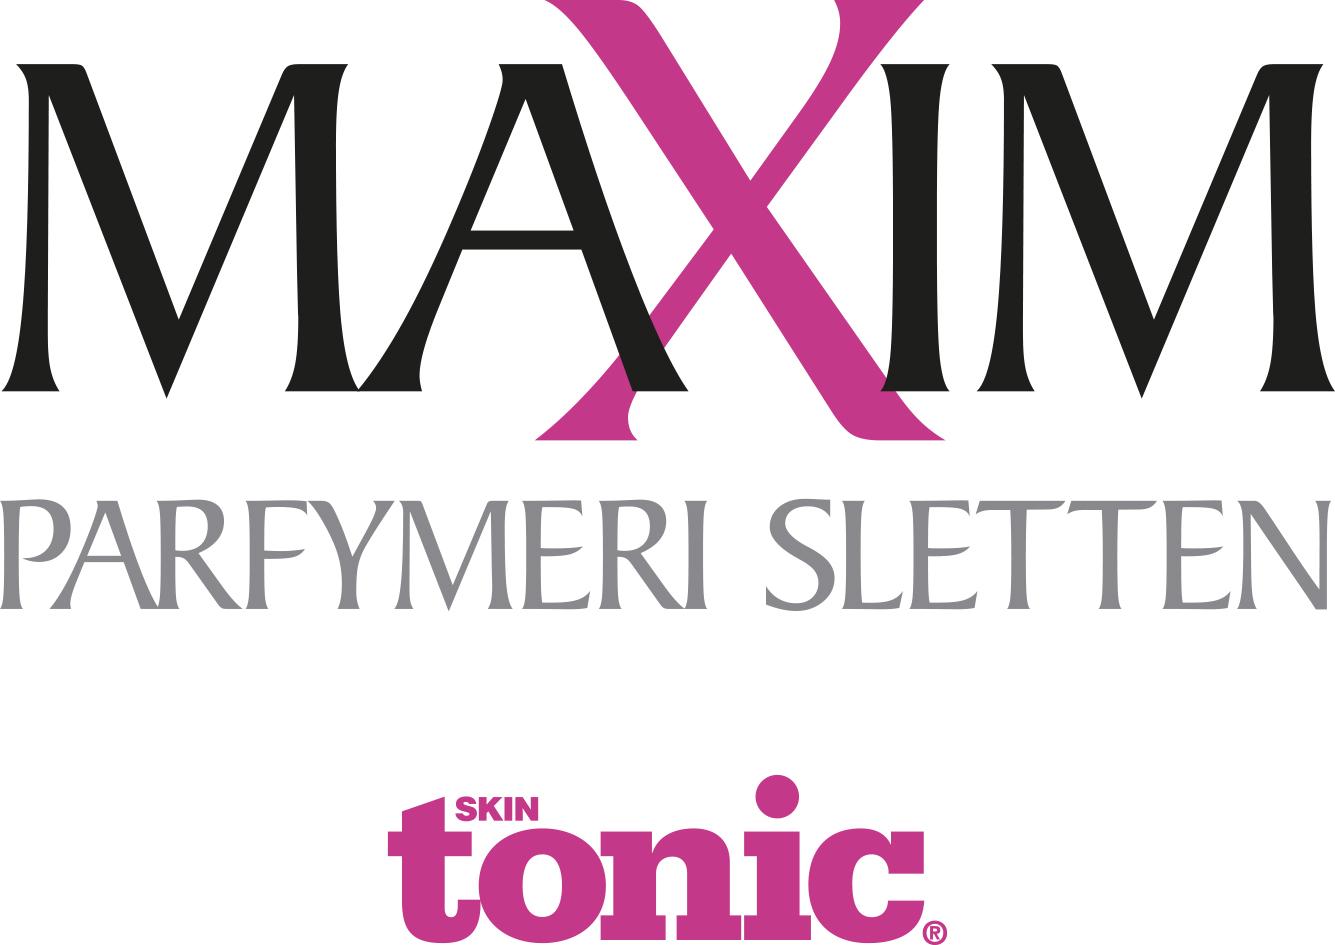 Maxim logo SkinTonic